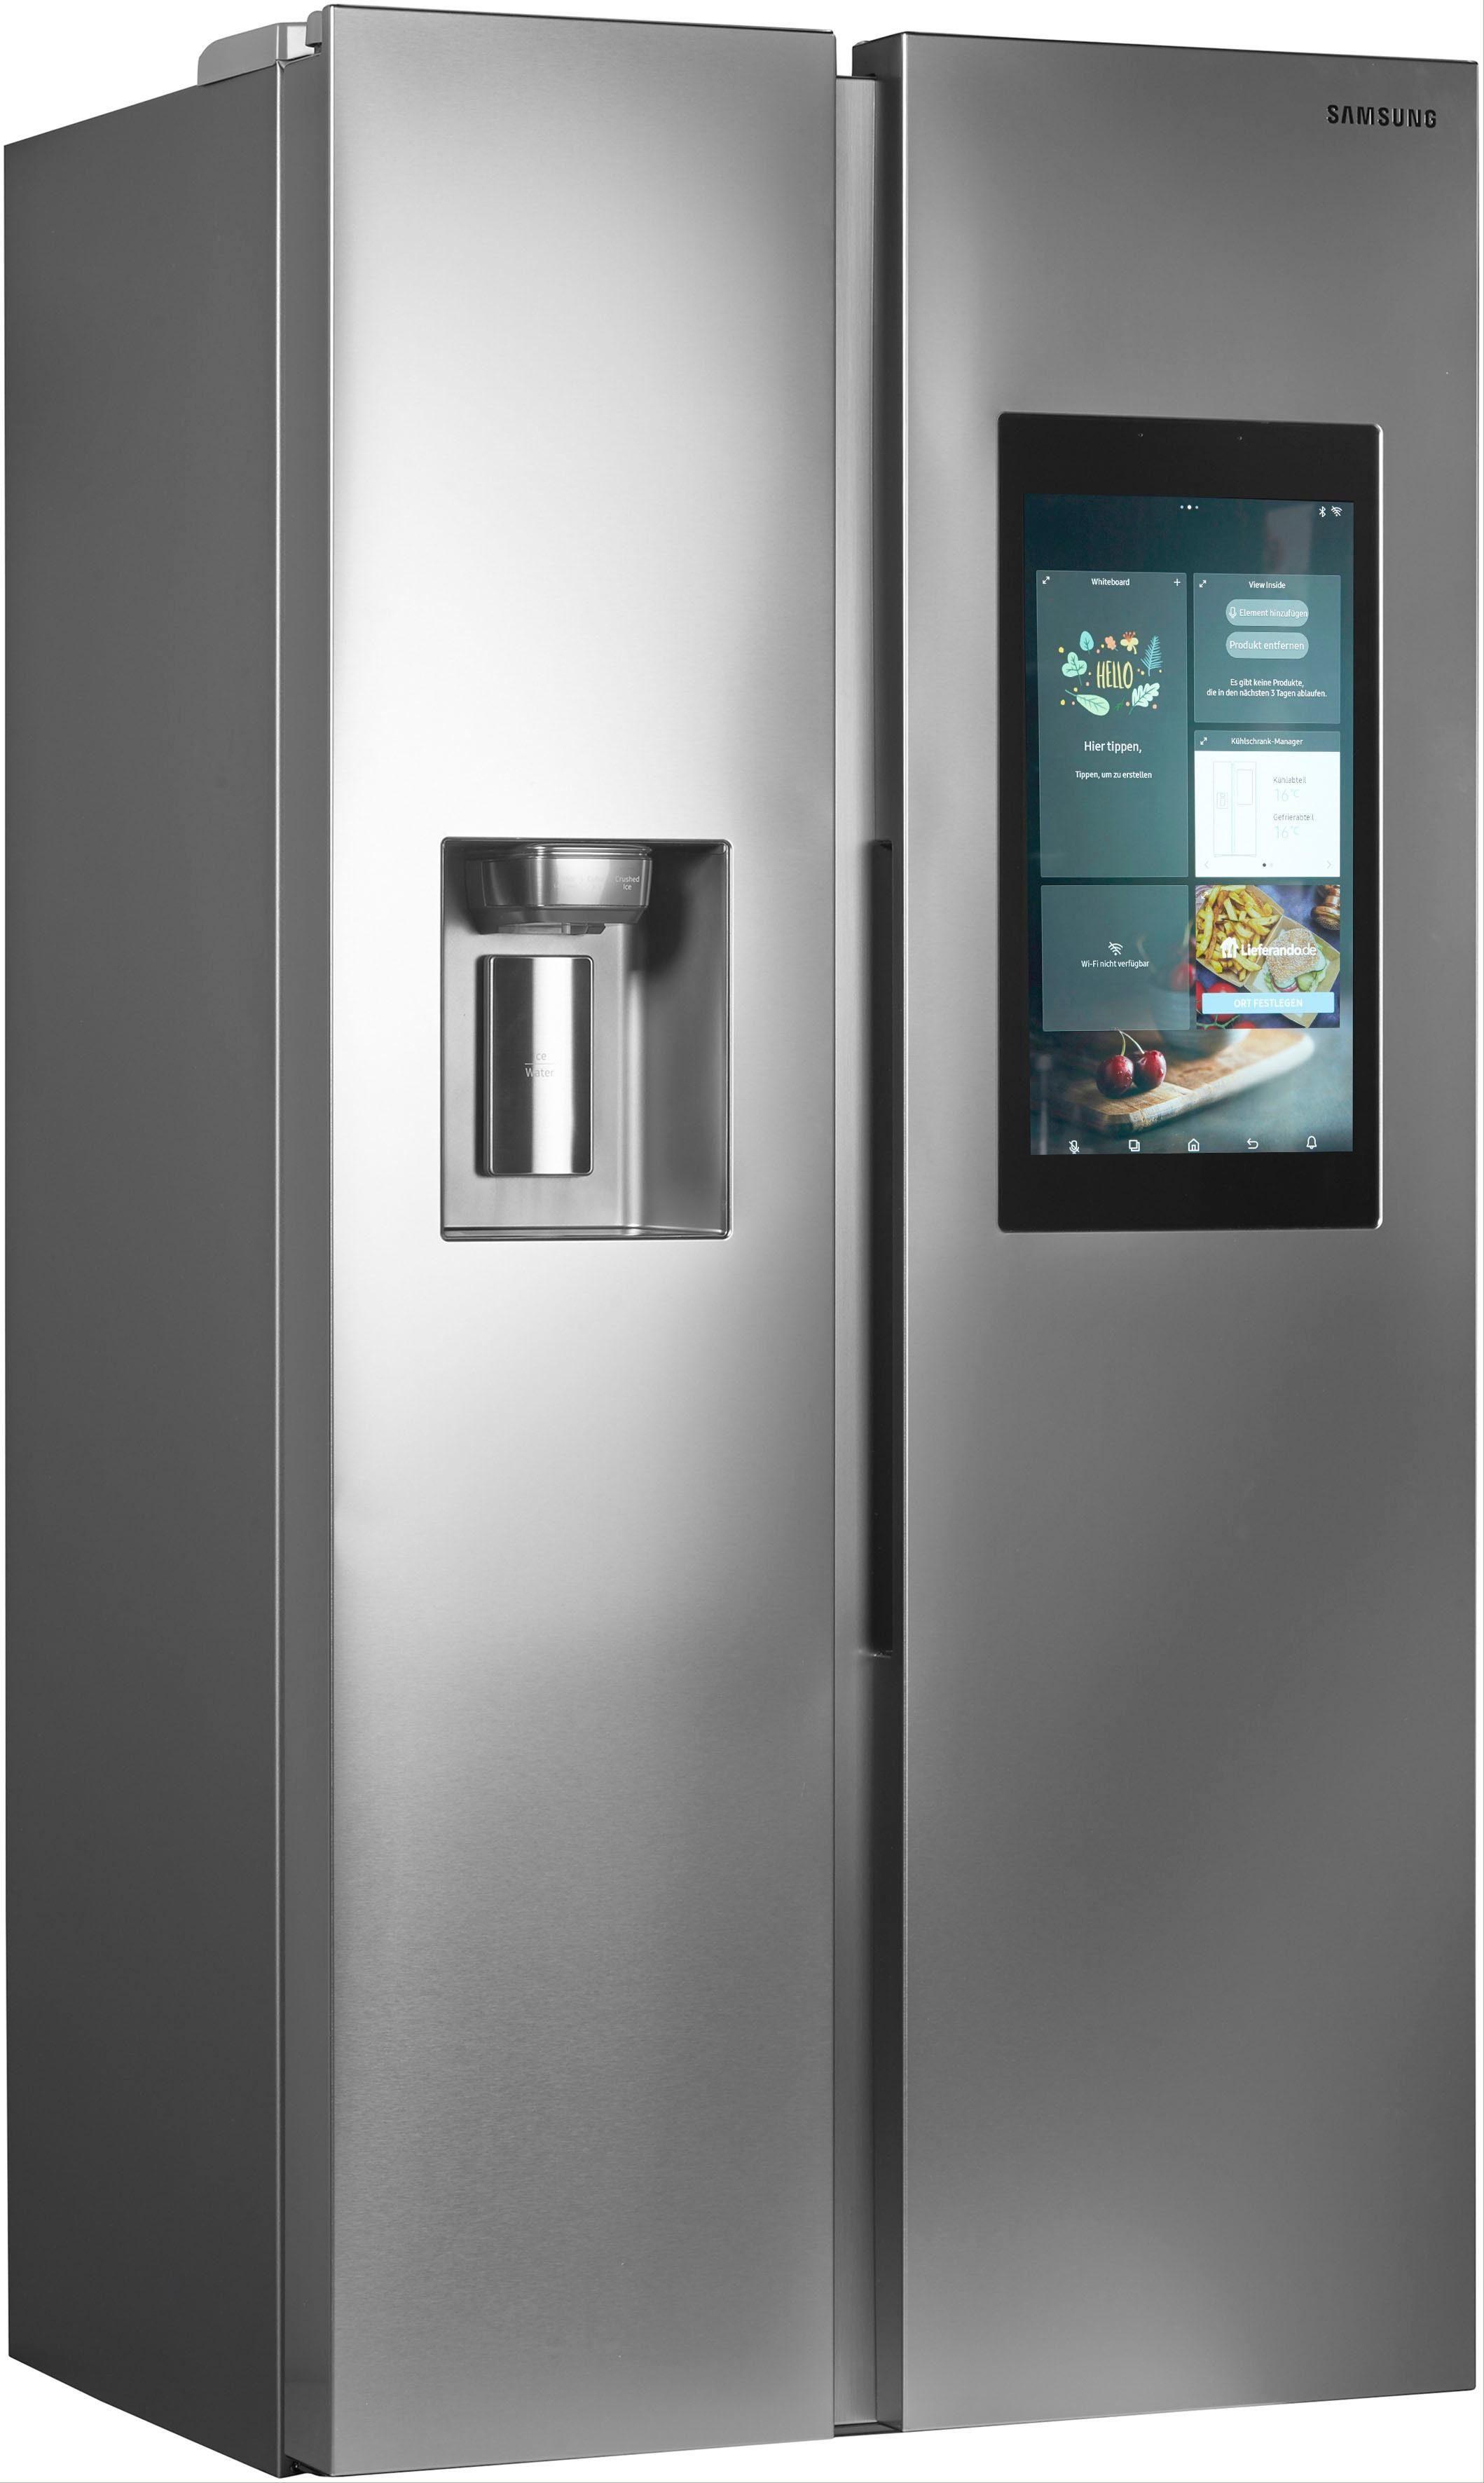 Kühlschrank Samsung Side By Side Preisvergleich • Die Besten